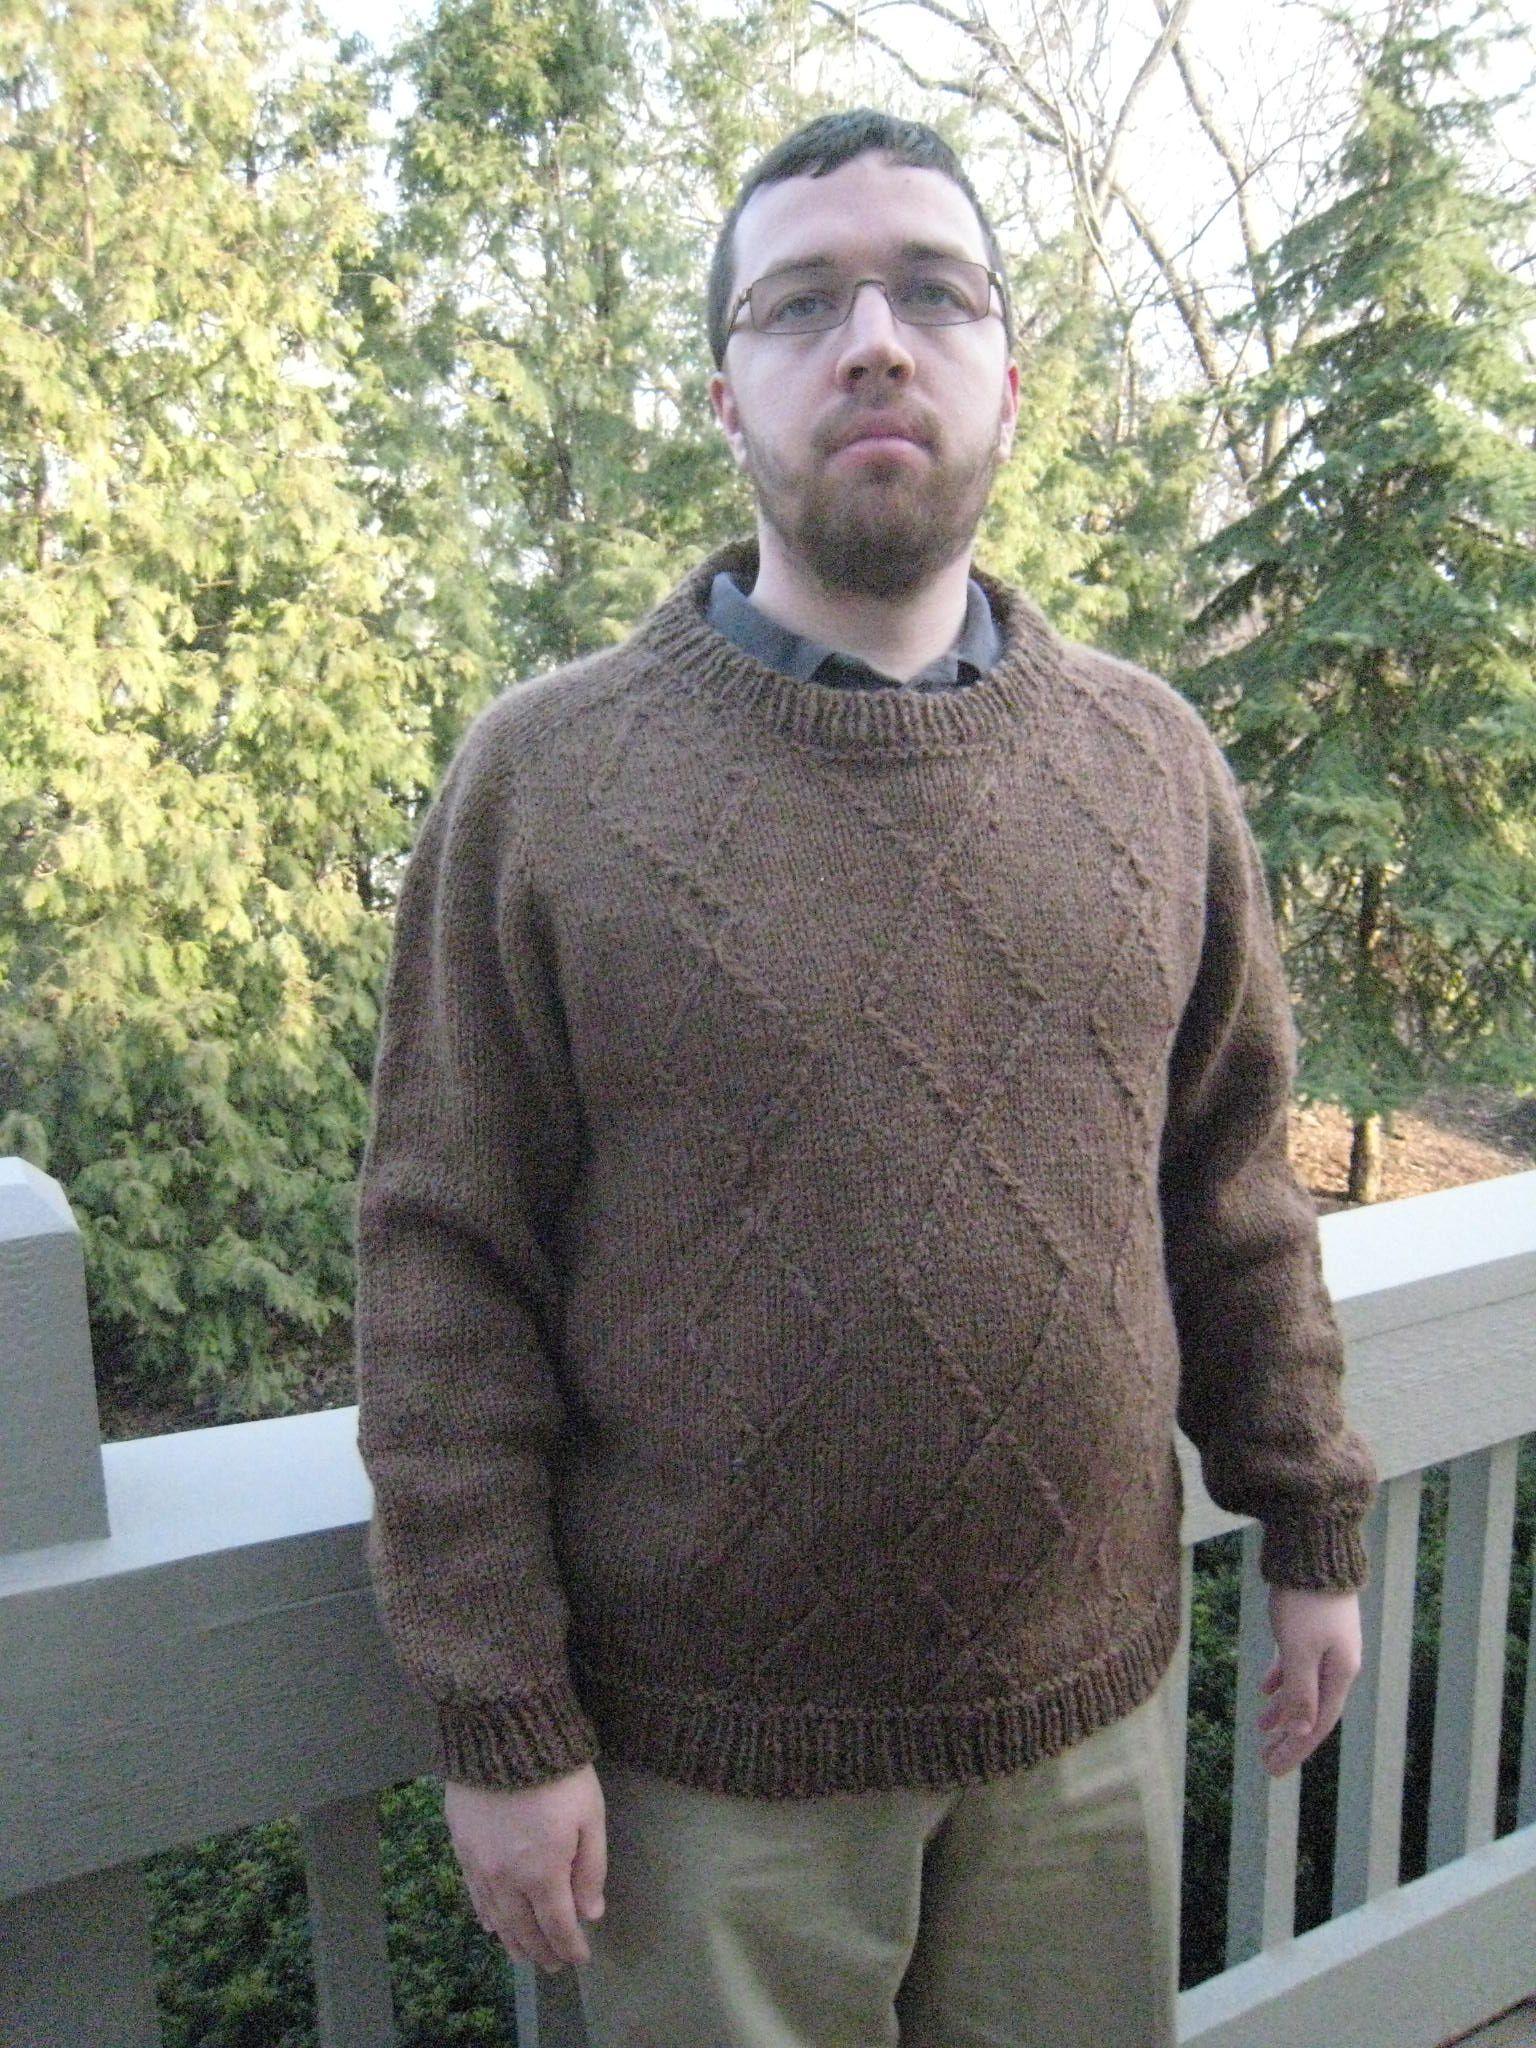 Diamond Jim Sweater Pattern - Knitting Patterns and Crochet Patterns ...